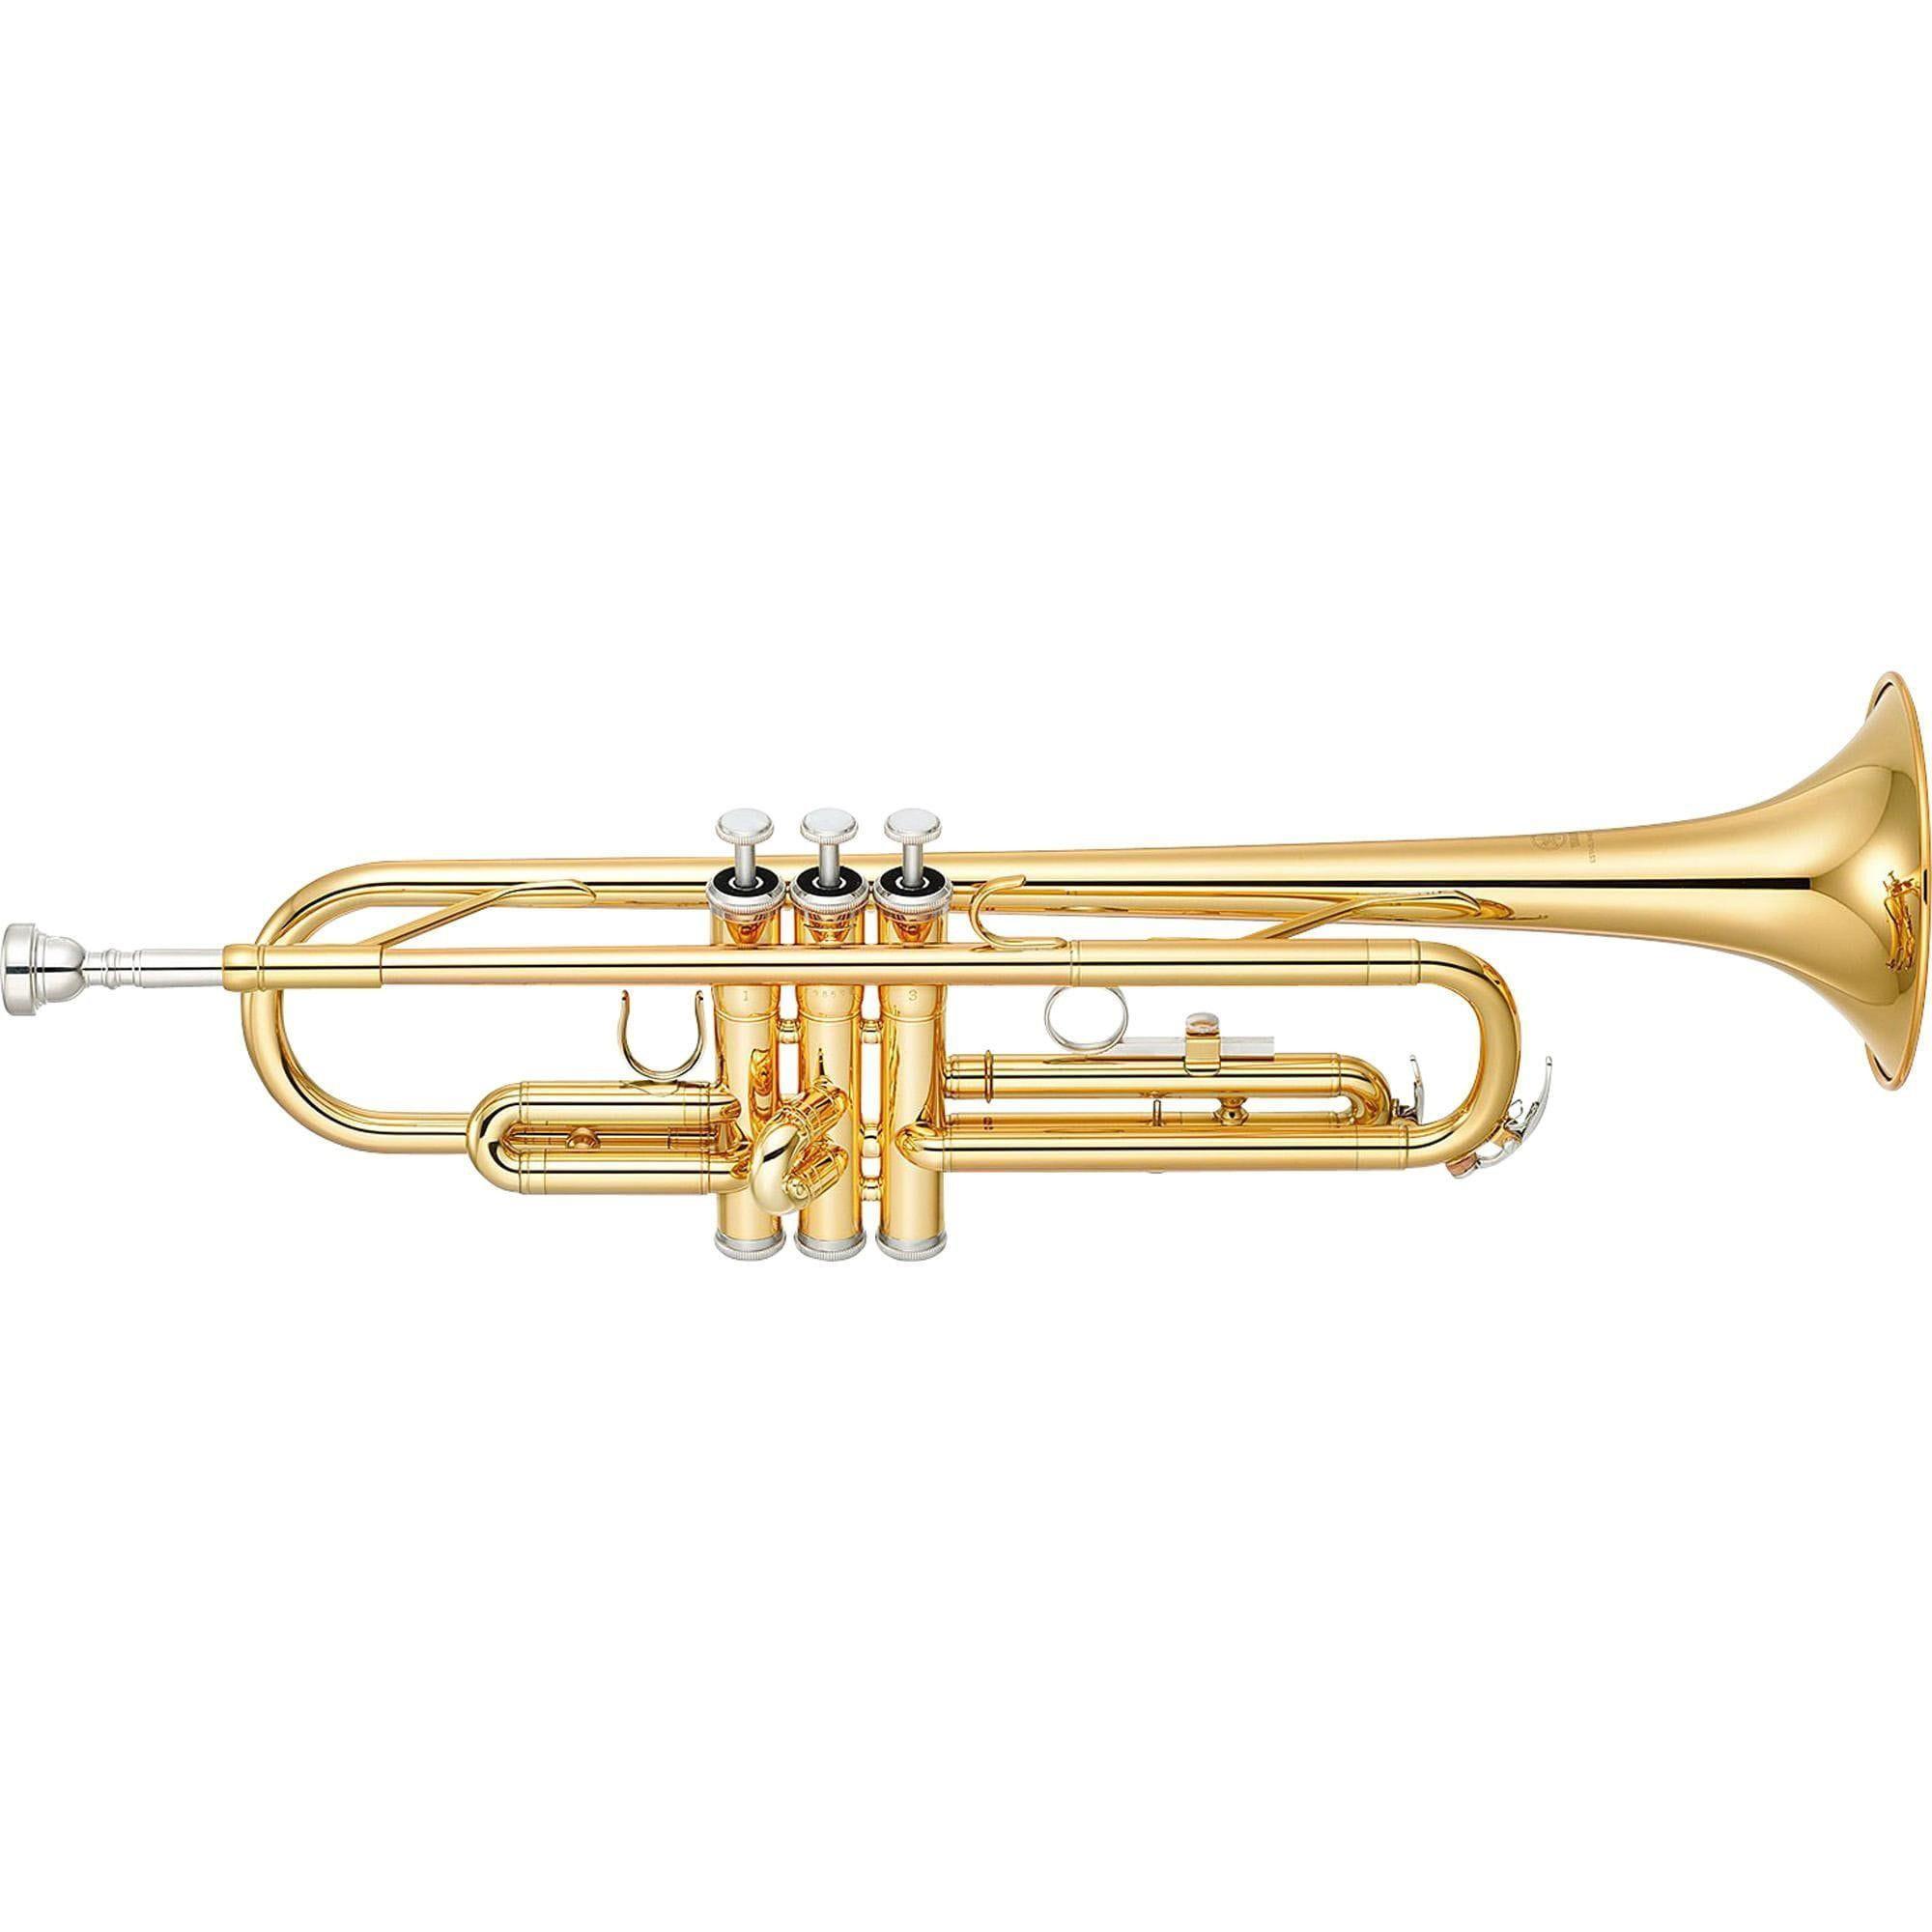 Yamaha Trompete YTR-2330 SÍ BEMOL Laqueado (Com Estojo)